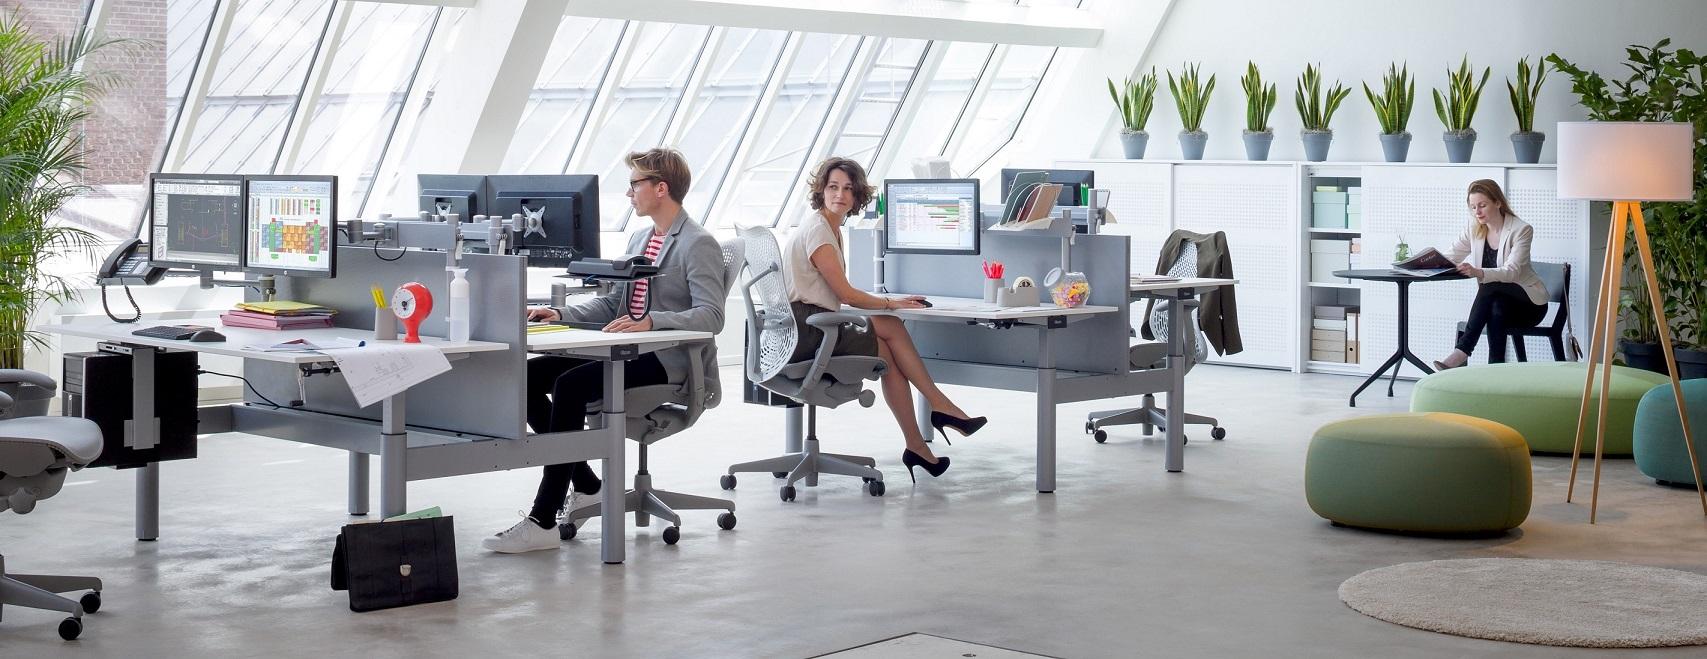 Tips voor een goede werkhouding op kantoor